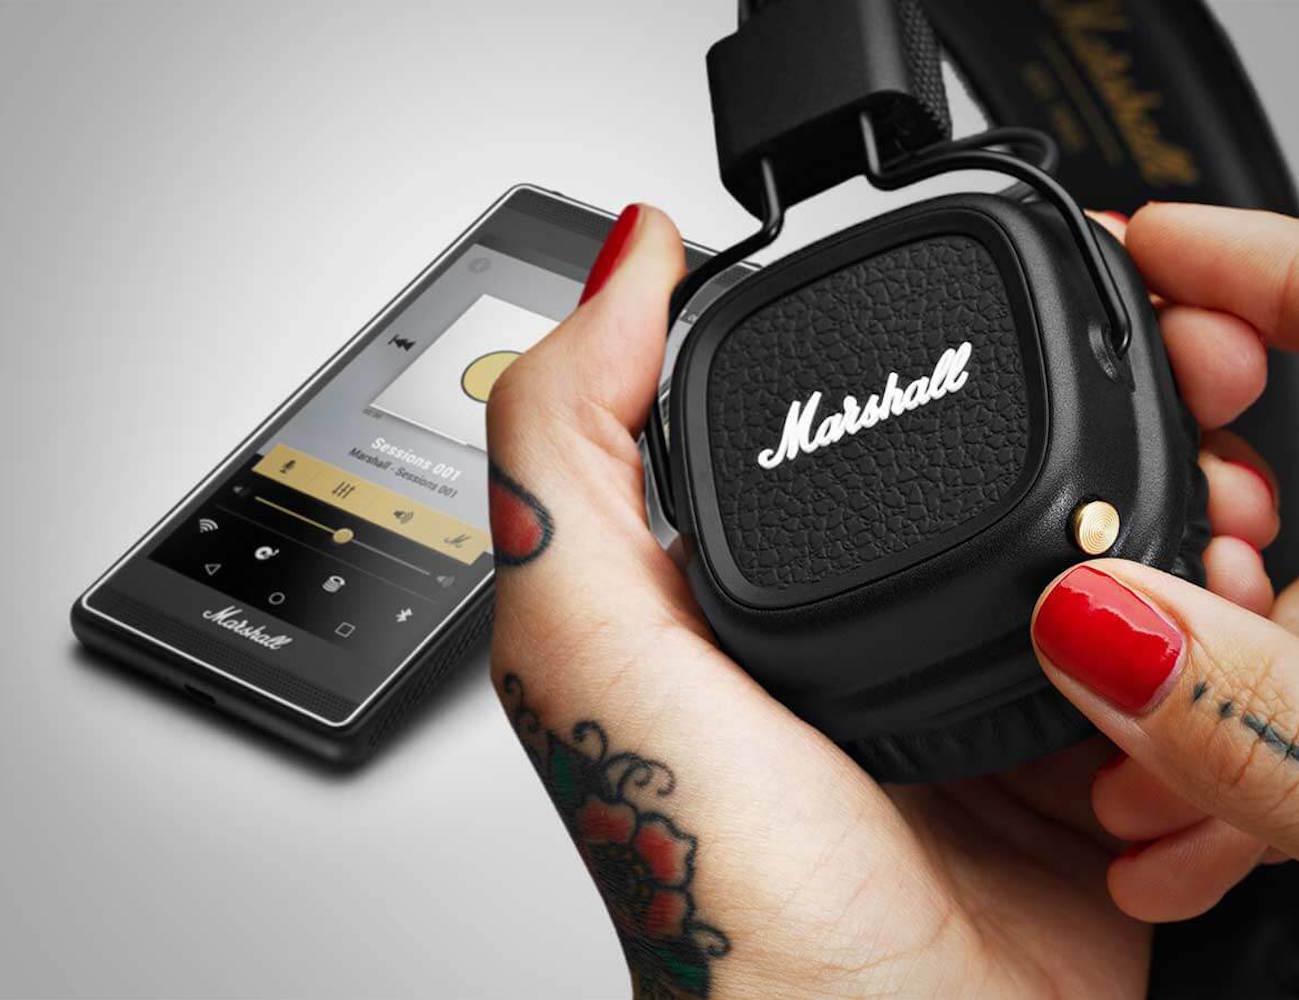 Major II Bluetooth Headphones by Marshall